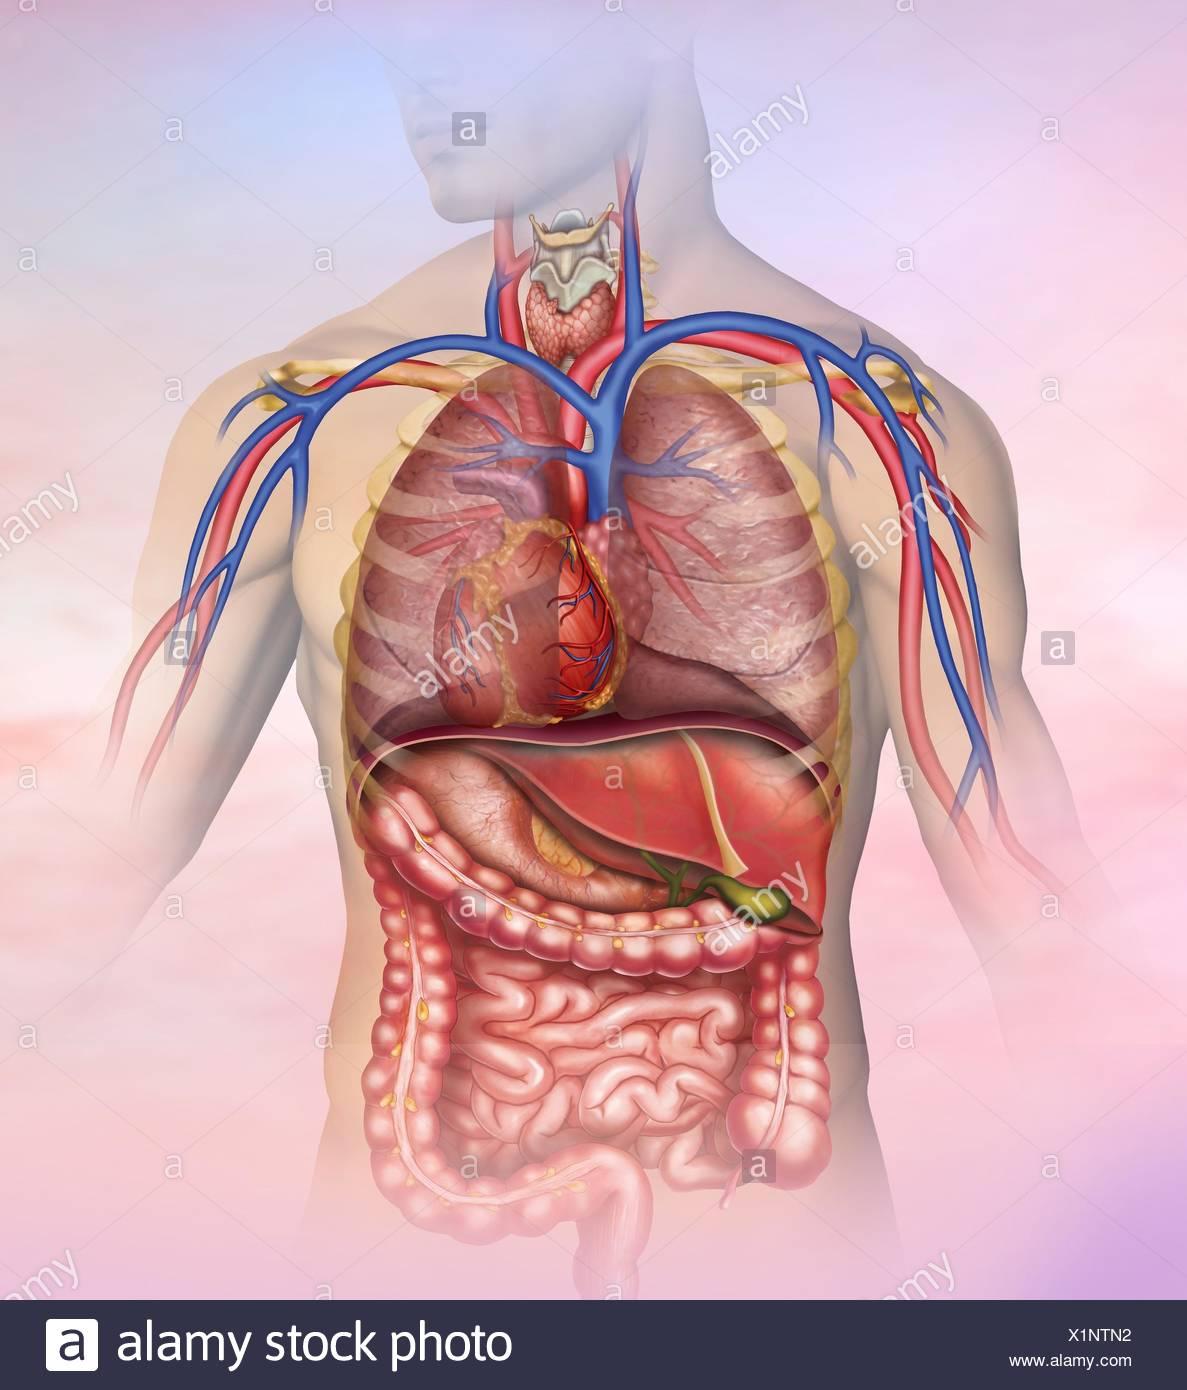 Ilustración anatómica y descriptiva del tórax y abdomen del cuerpo ...